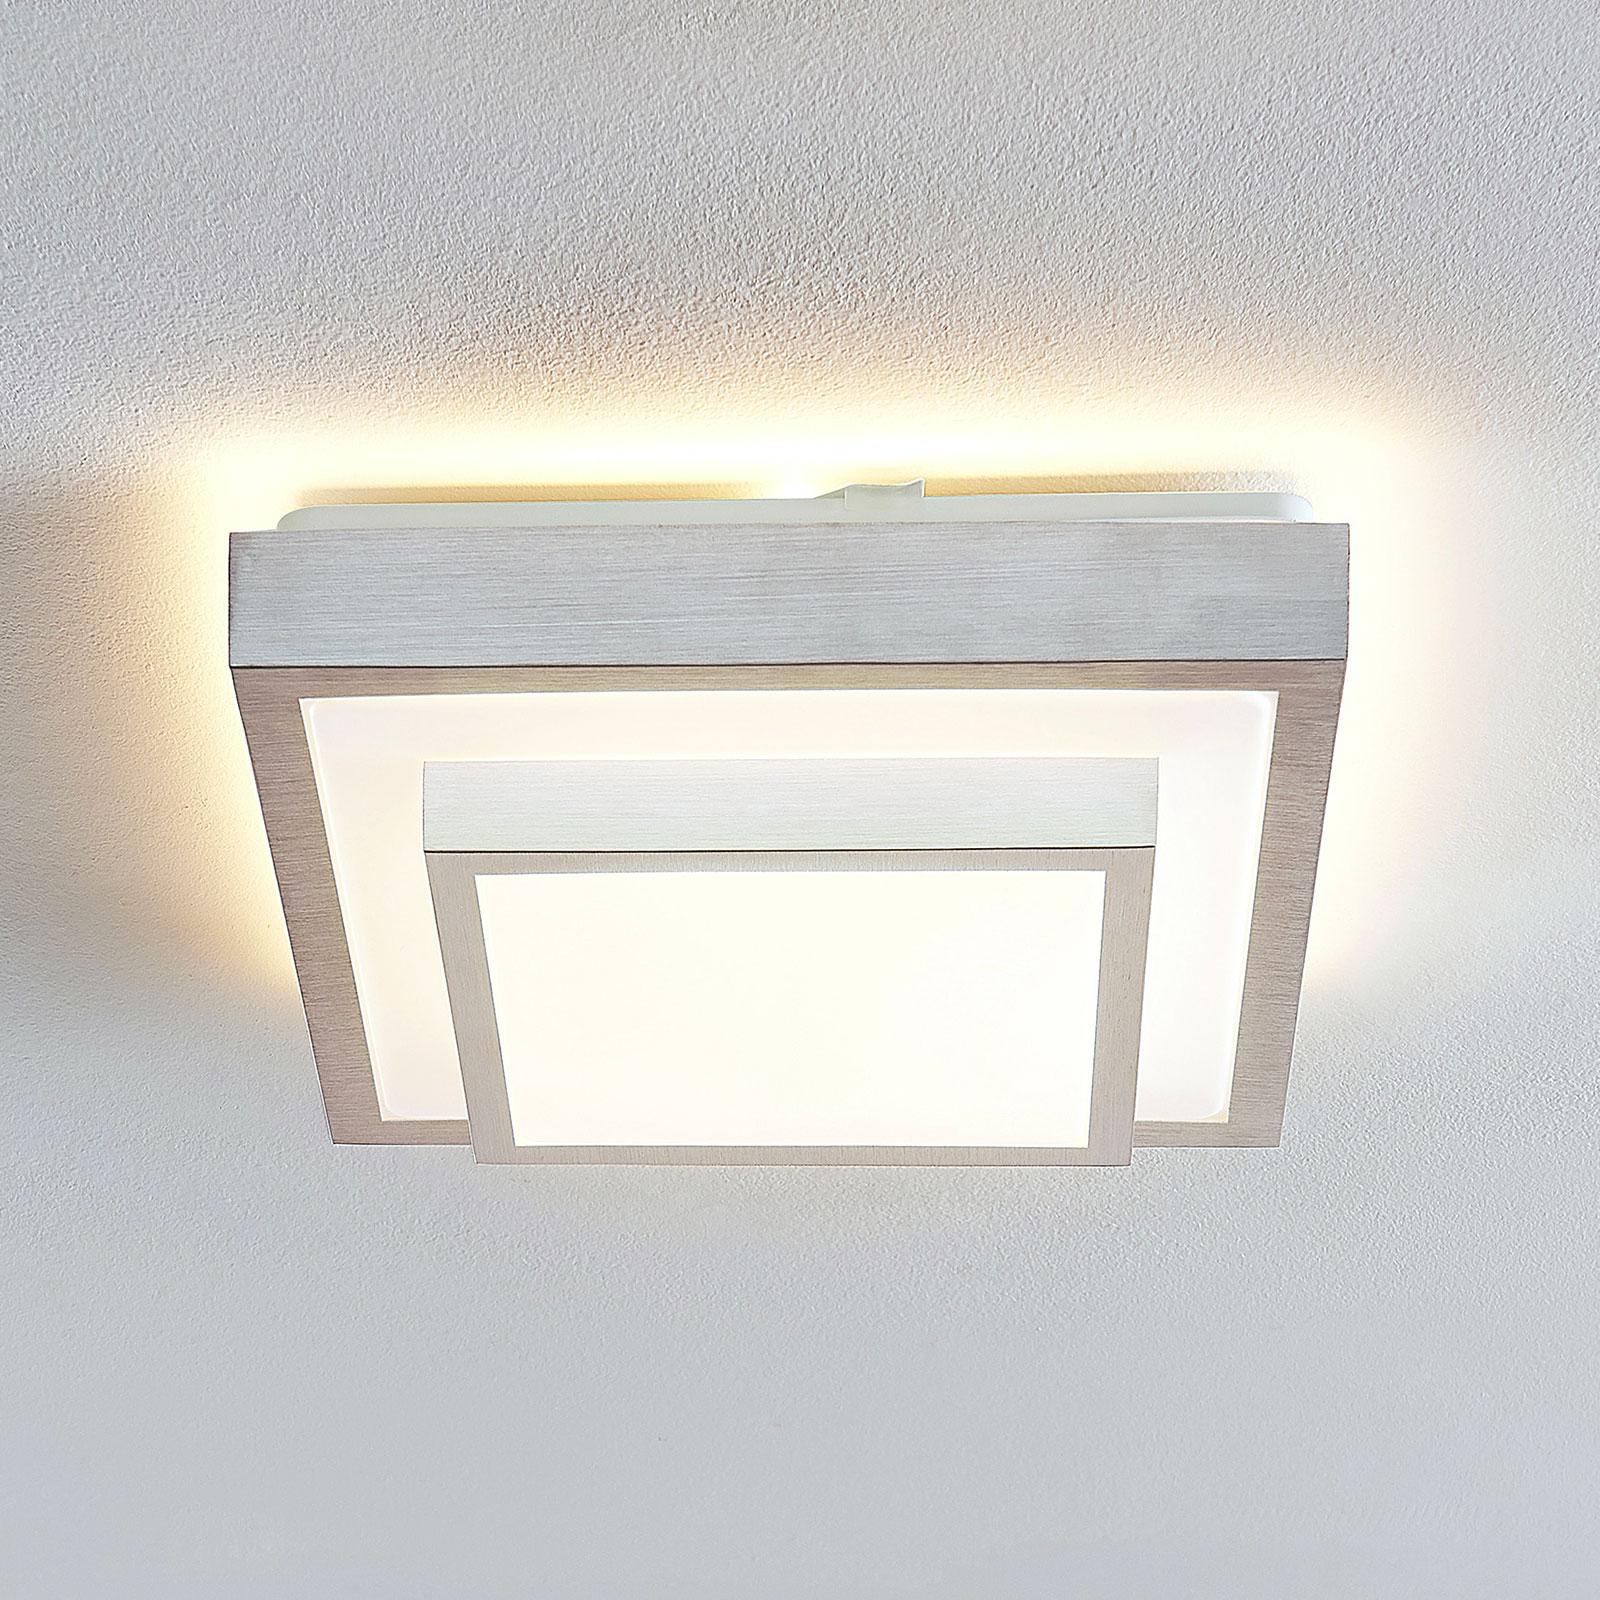 Lindby Mirco LED-loftlampe i alu, kantet, 32 cm